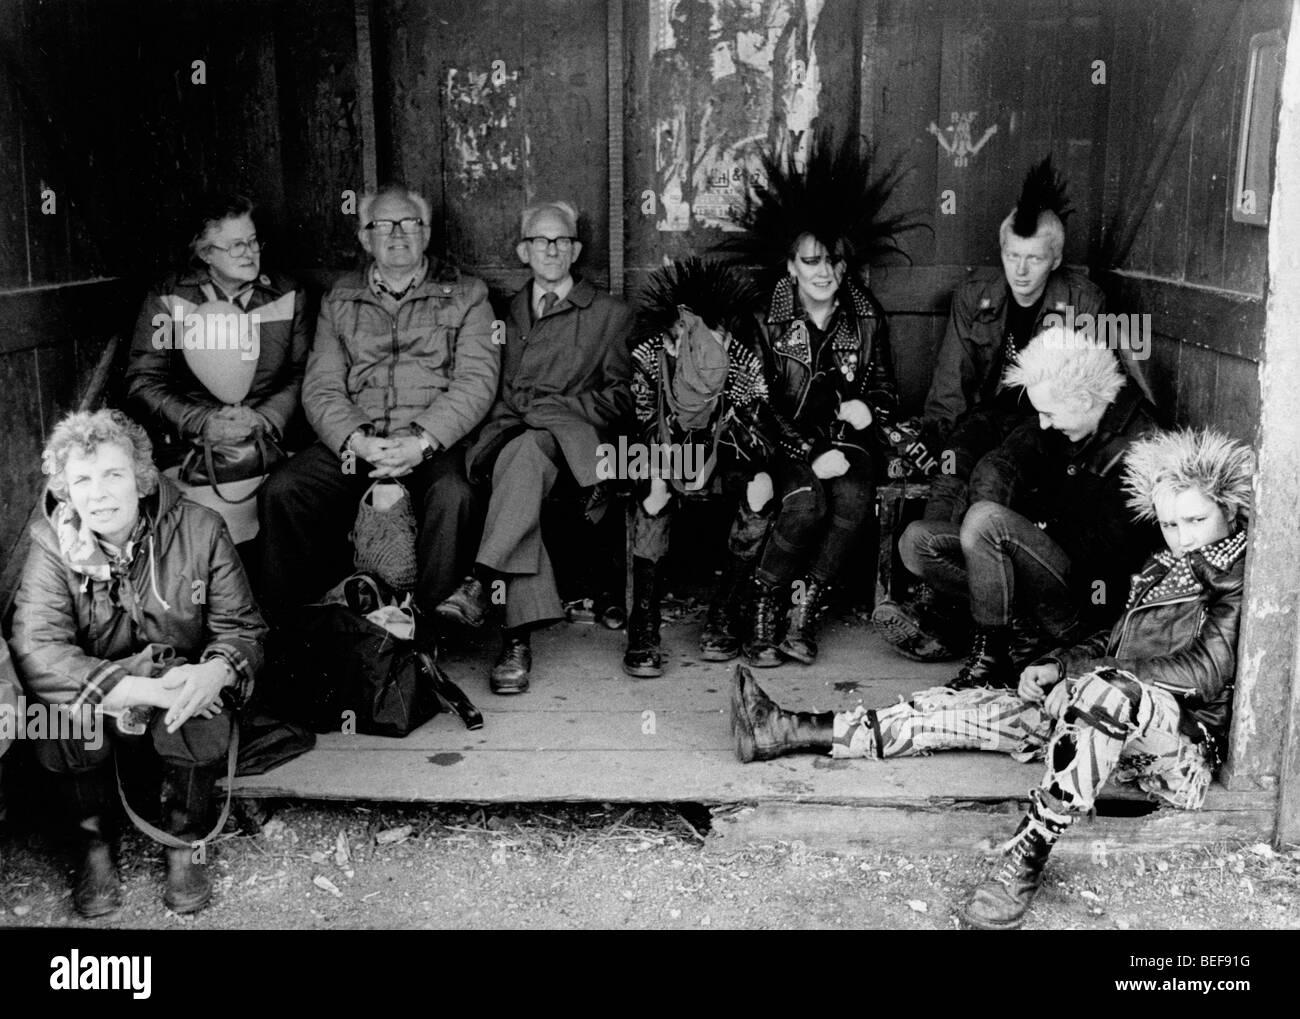 Les protestataires s'asseoir au centre militaire pour protester contre les armes nucléaires. De nombreux Photo Stock